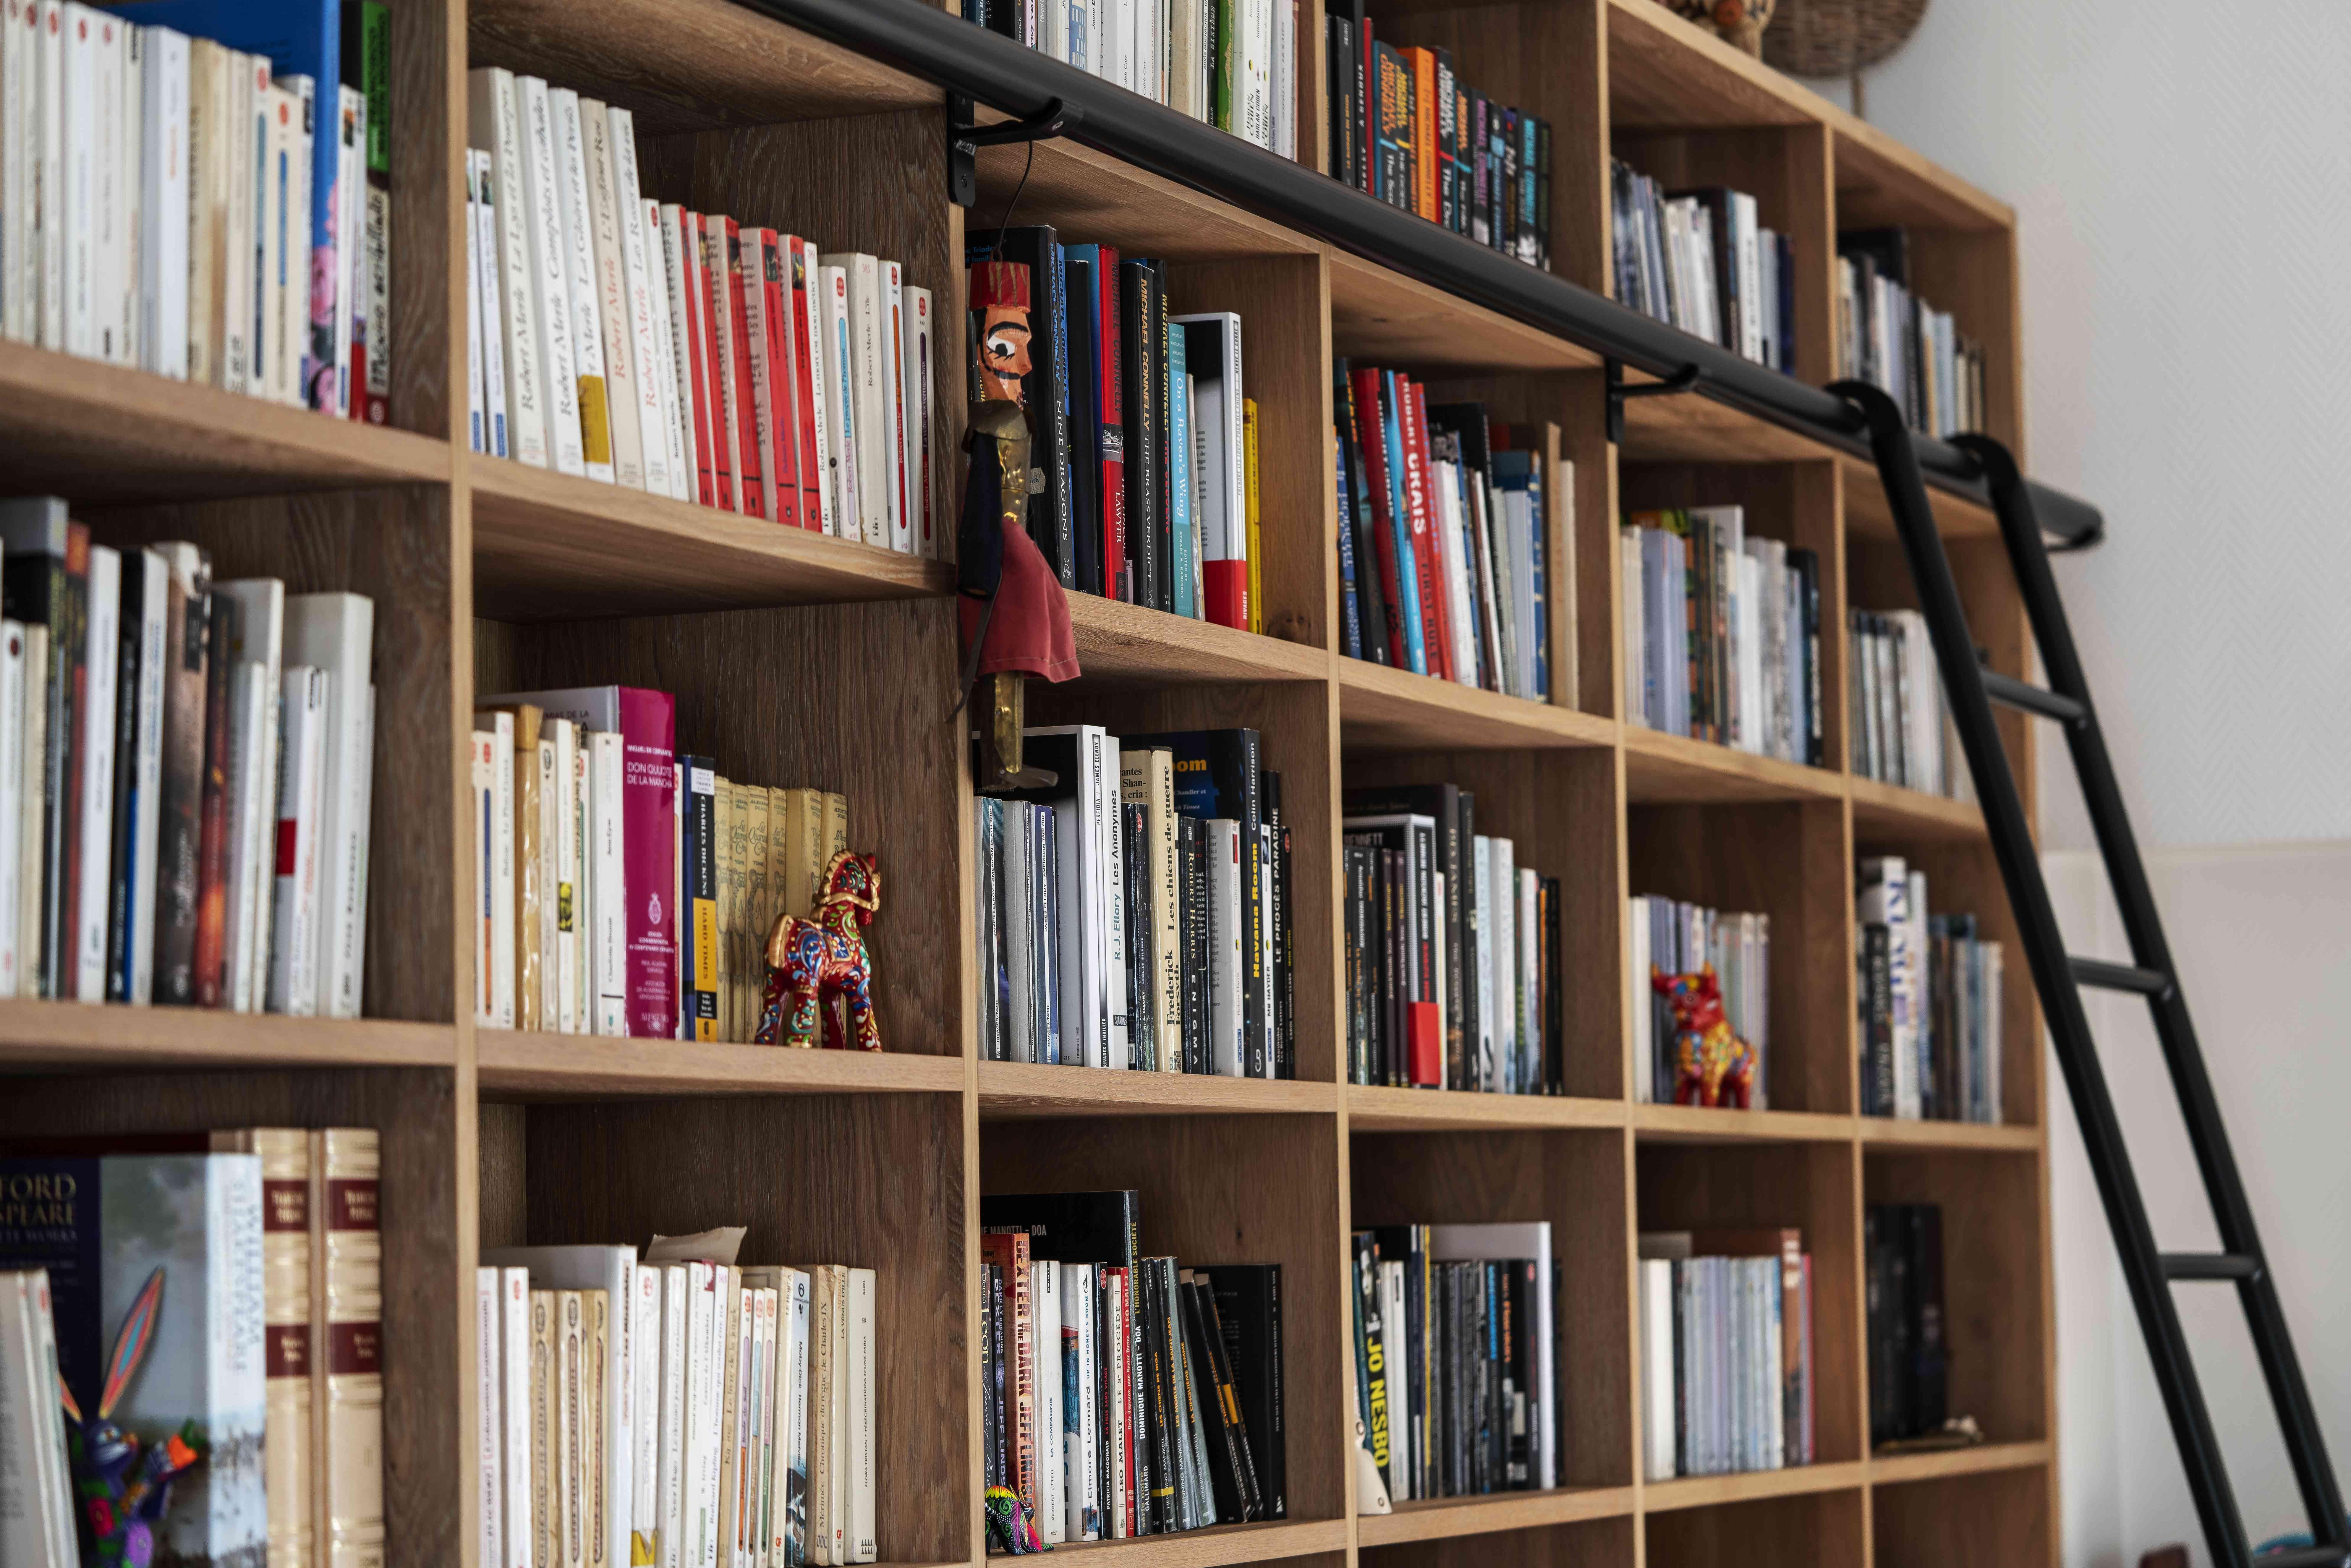 4 Bibliothèque sur mesure chêne brossé avec échelle métallique sur rail 7 - Bibliothèque sur mesure chêne brossé avec échelle métallique sur rail